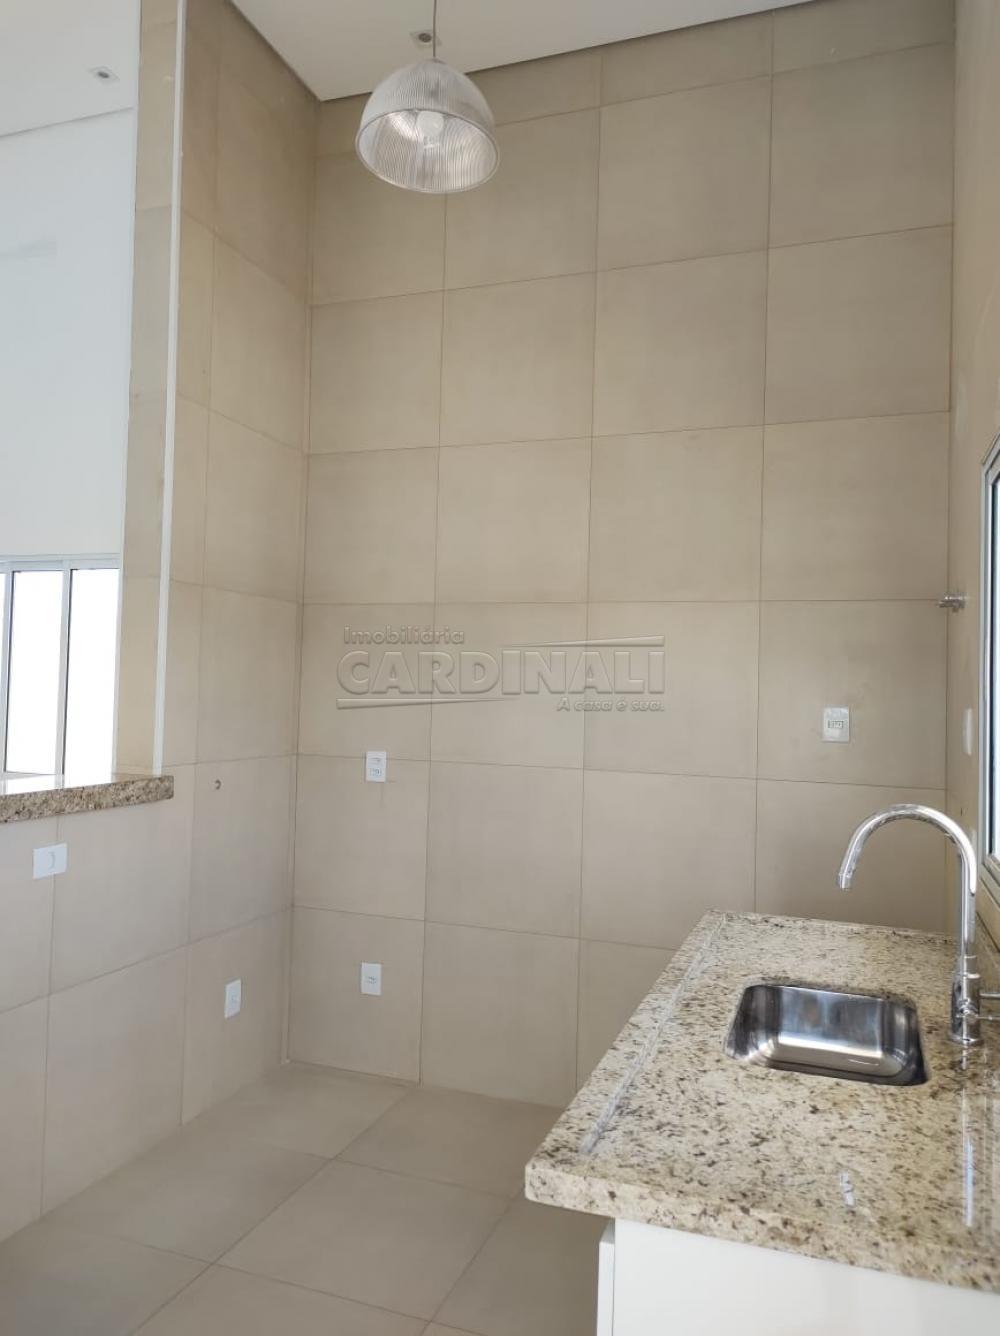 Comprar Casa / Condomínio em Araraquara R$ 480.000,00 - Foto 15